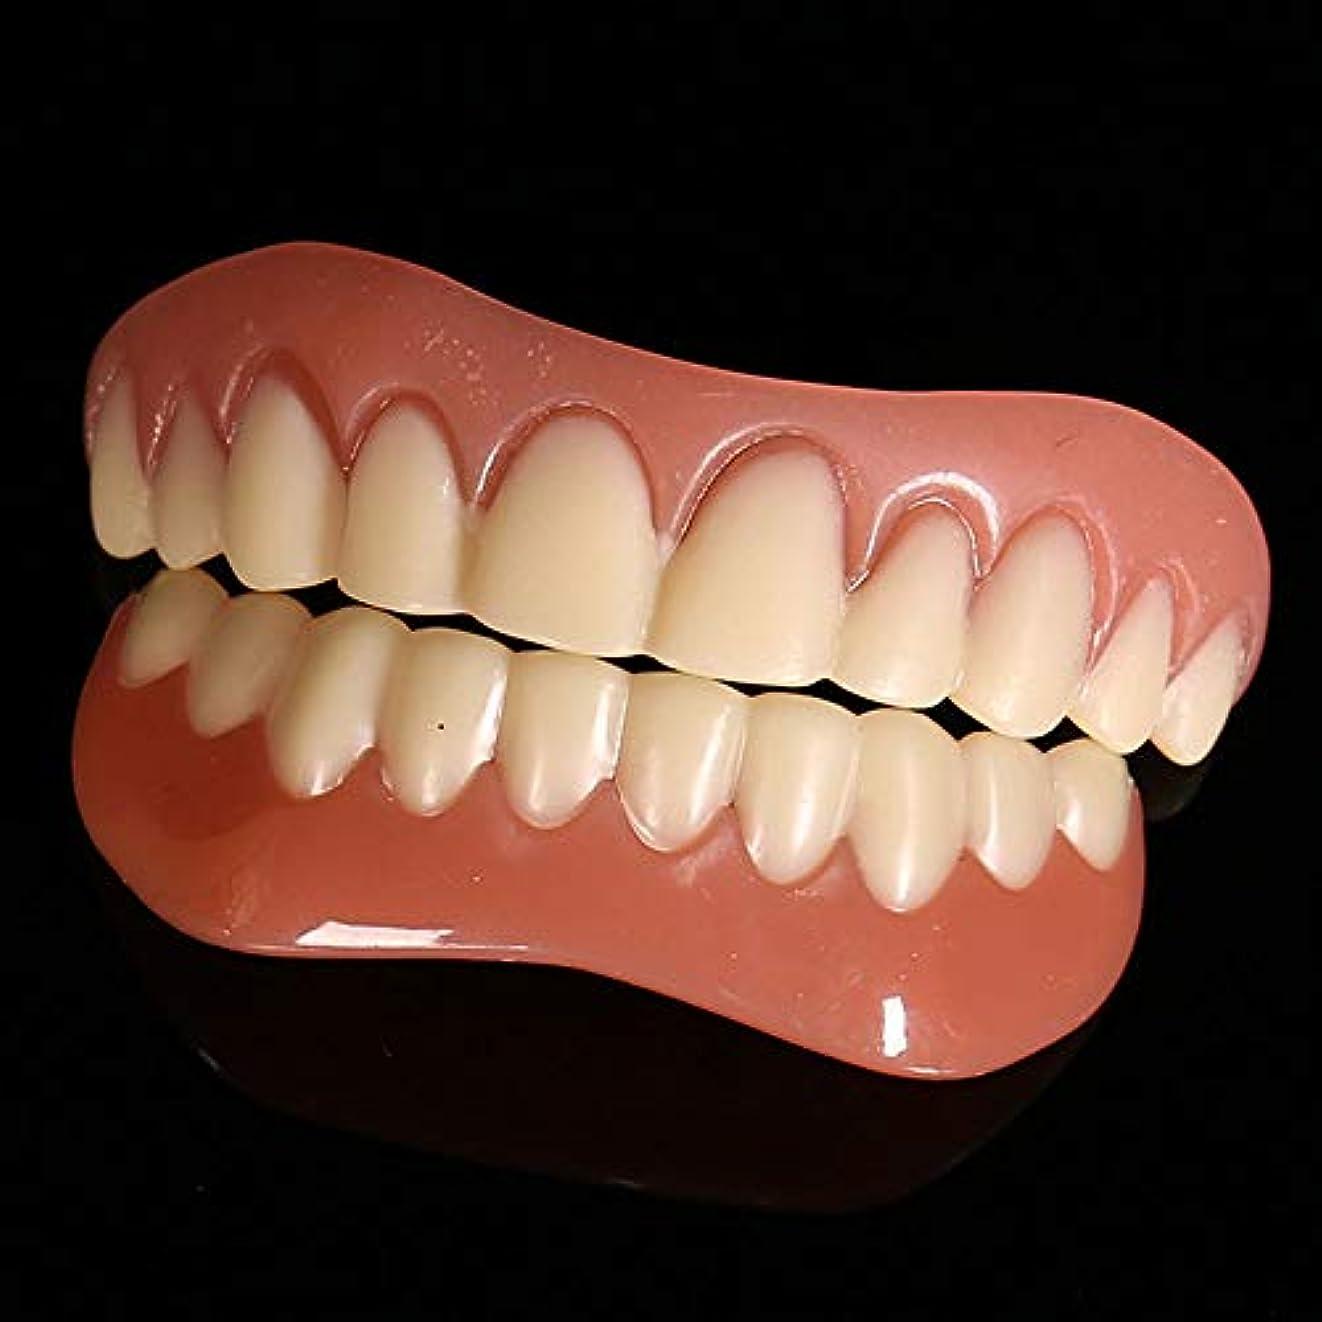 法廷出費半球義歯シミュレーション入れ歯の6セットは、シリコーン現実的なホワイトニング中括弧を使用してサイクルを洗浄することができます